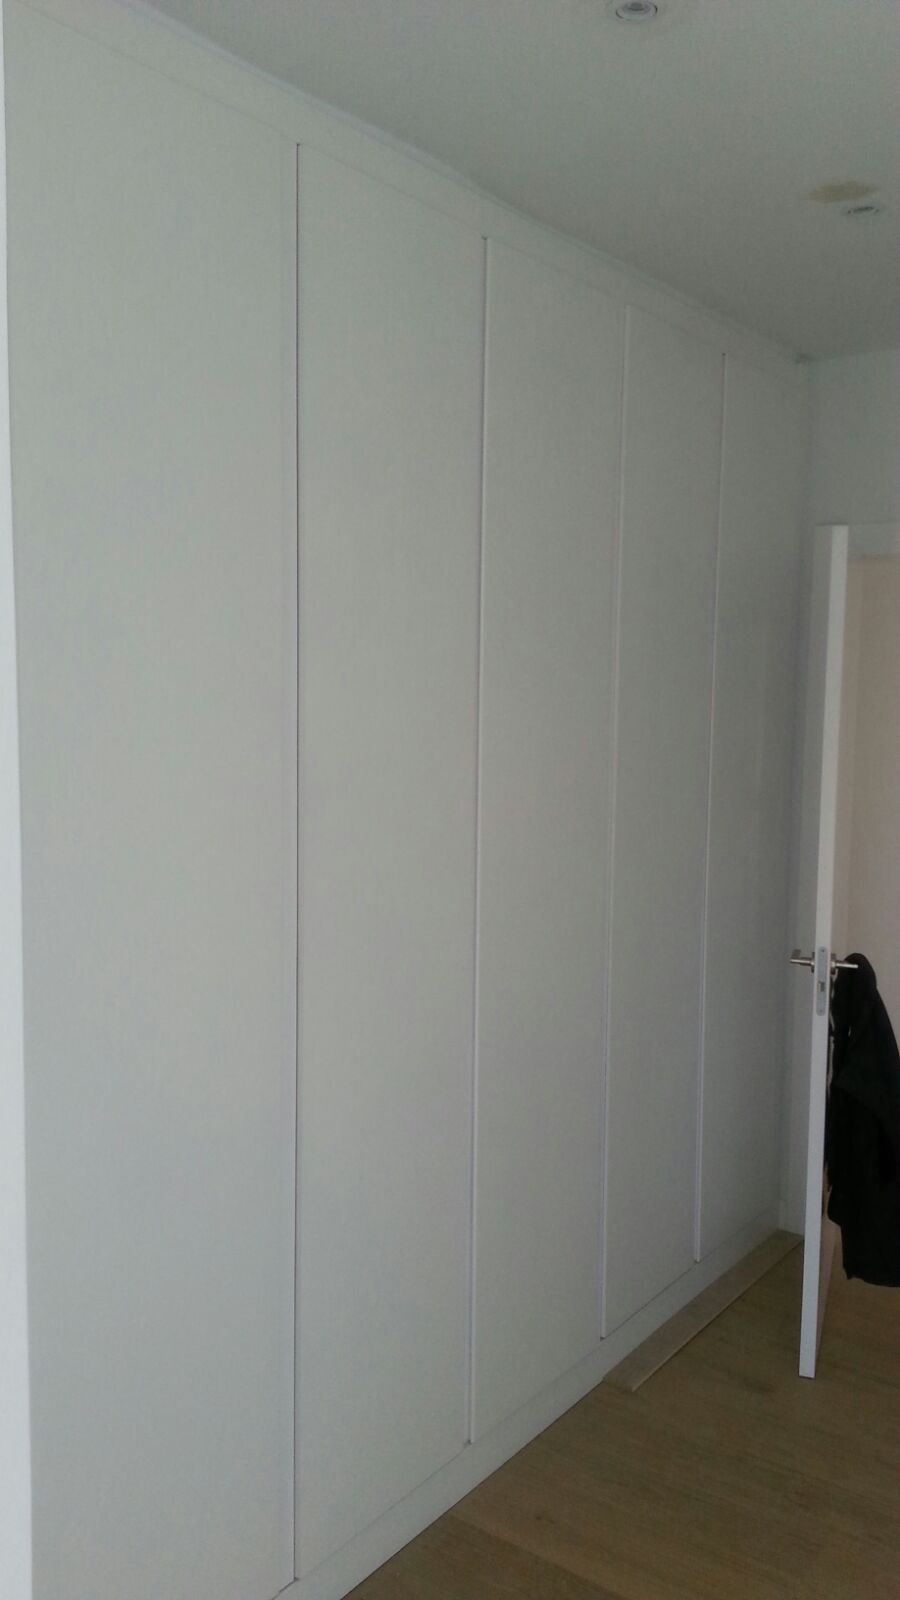 armario blanco ikea puerta batiente embutida